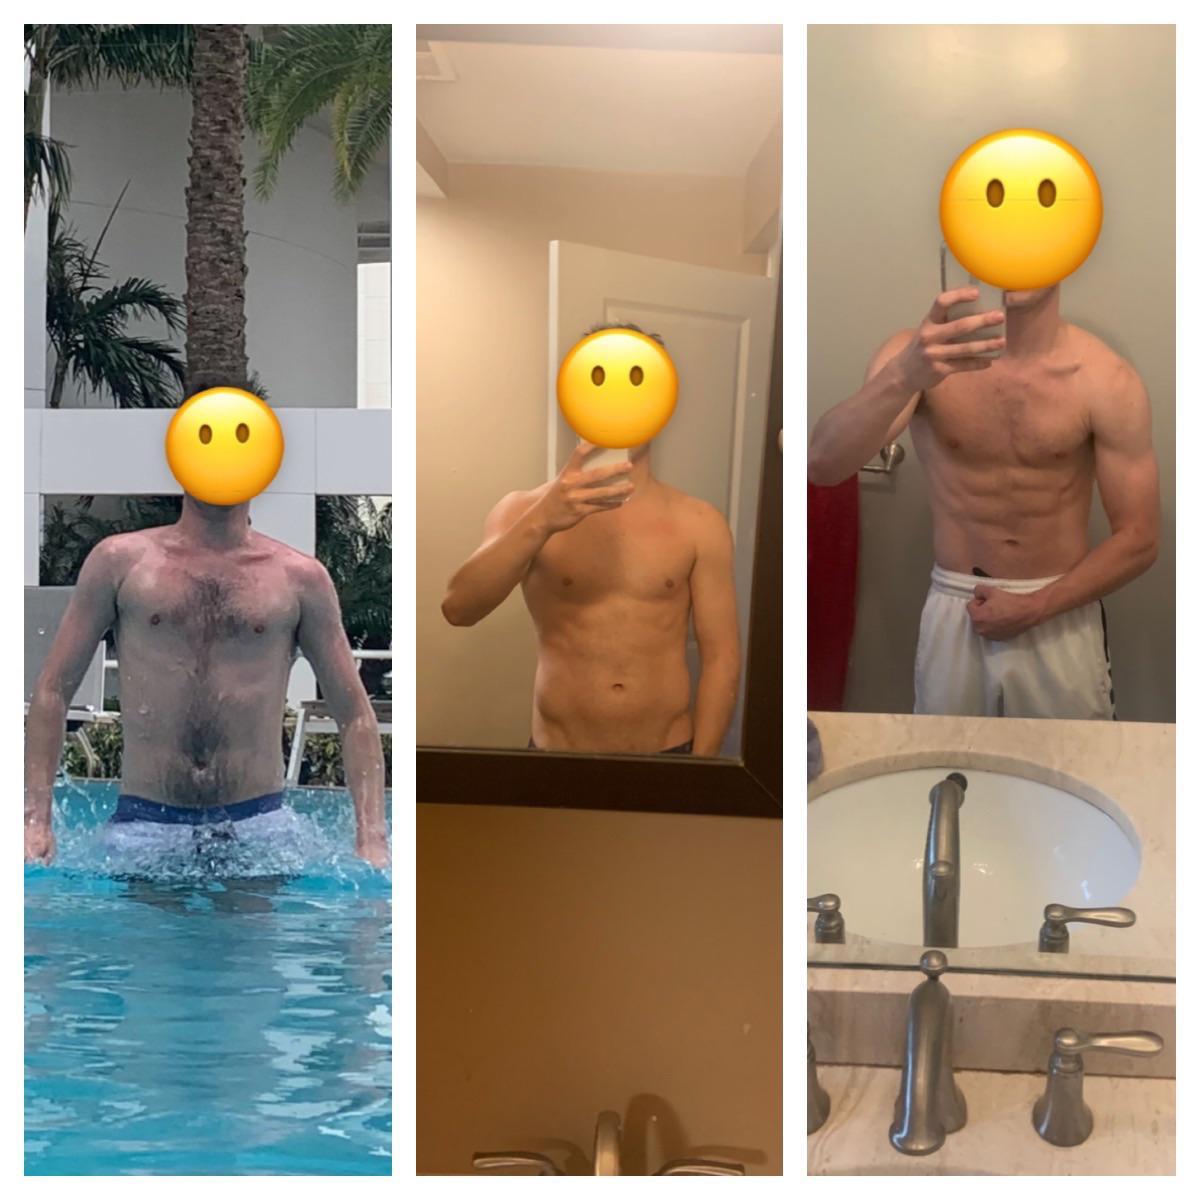 5'10 Male Progress Pics of 12 lbs Fat Loss 170 lbs to 158 lbs